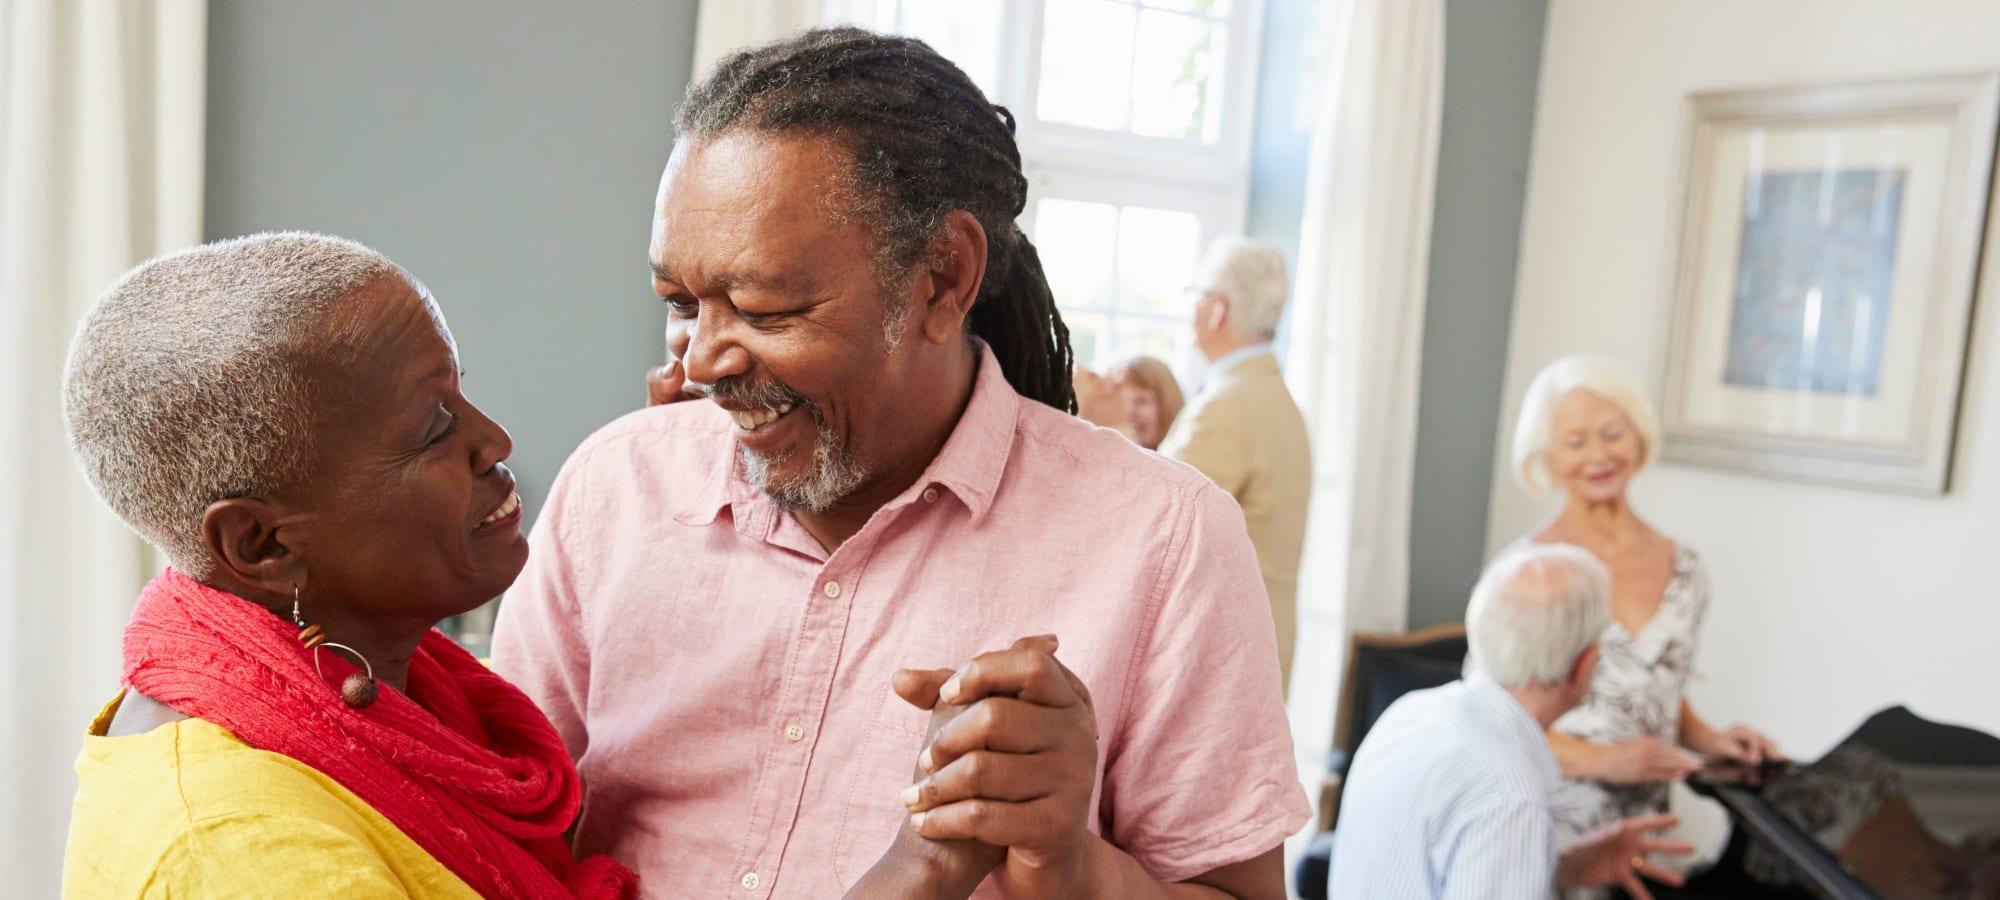 马里兰州贝塞斯达的老年人住在Meridian老年生活中心188金宝搏手机登录网址金博app188金宝慱图片